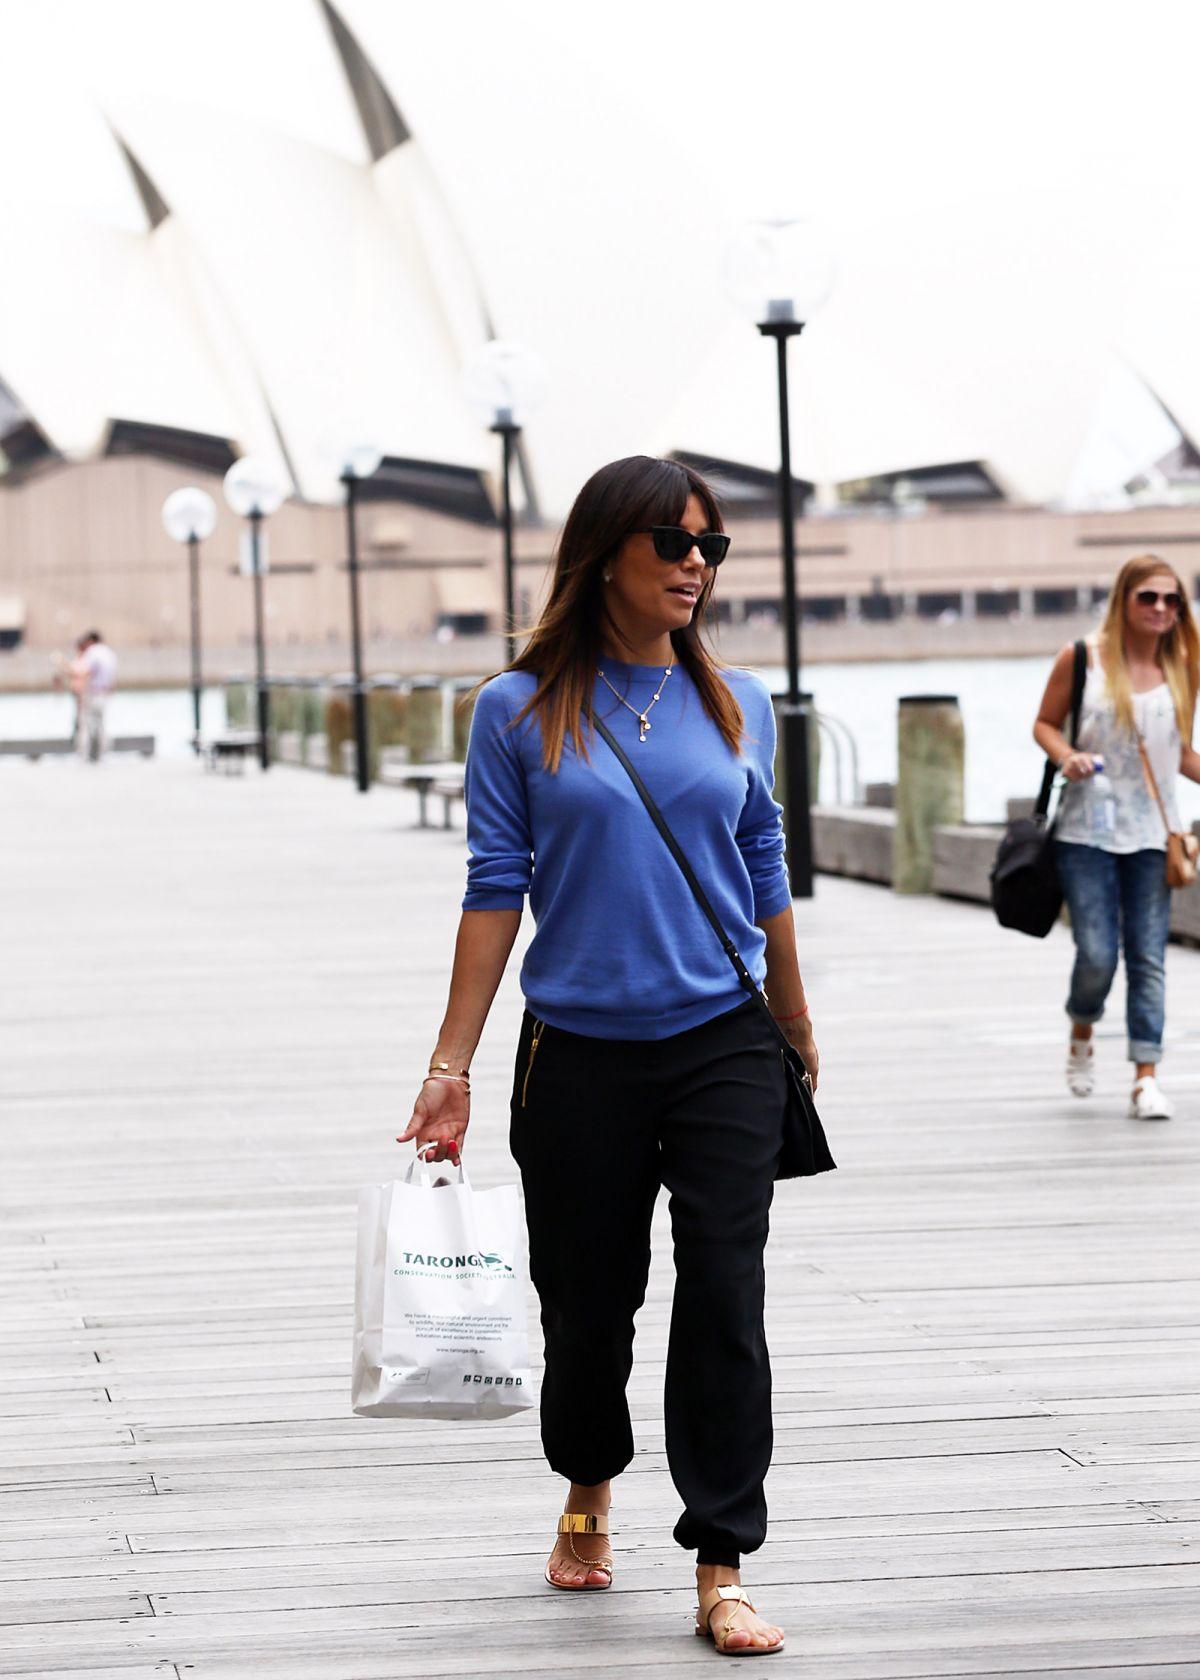 Who is eva longoria dating in Sydney